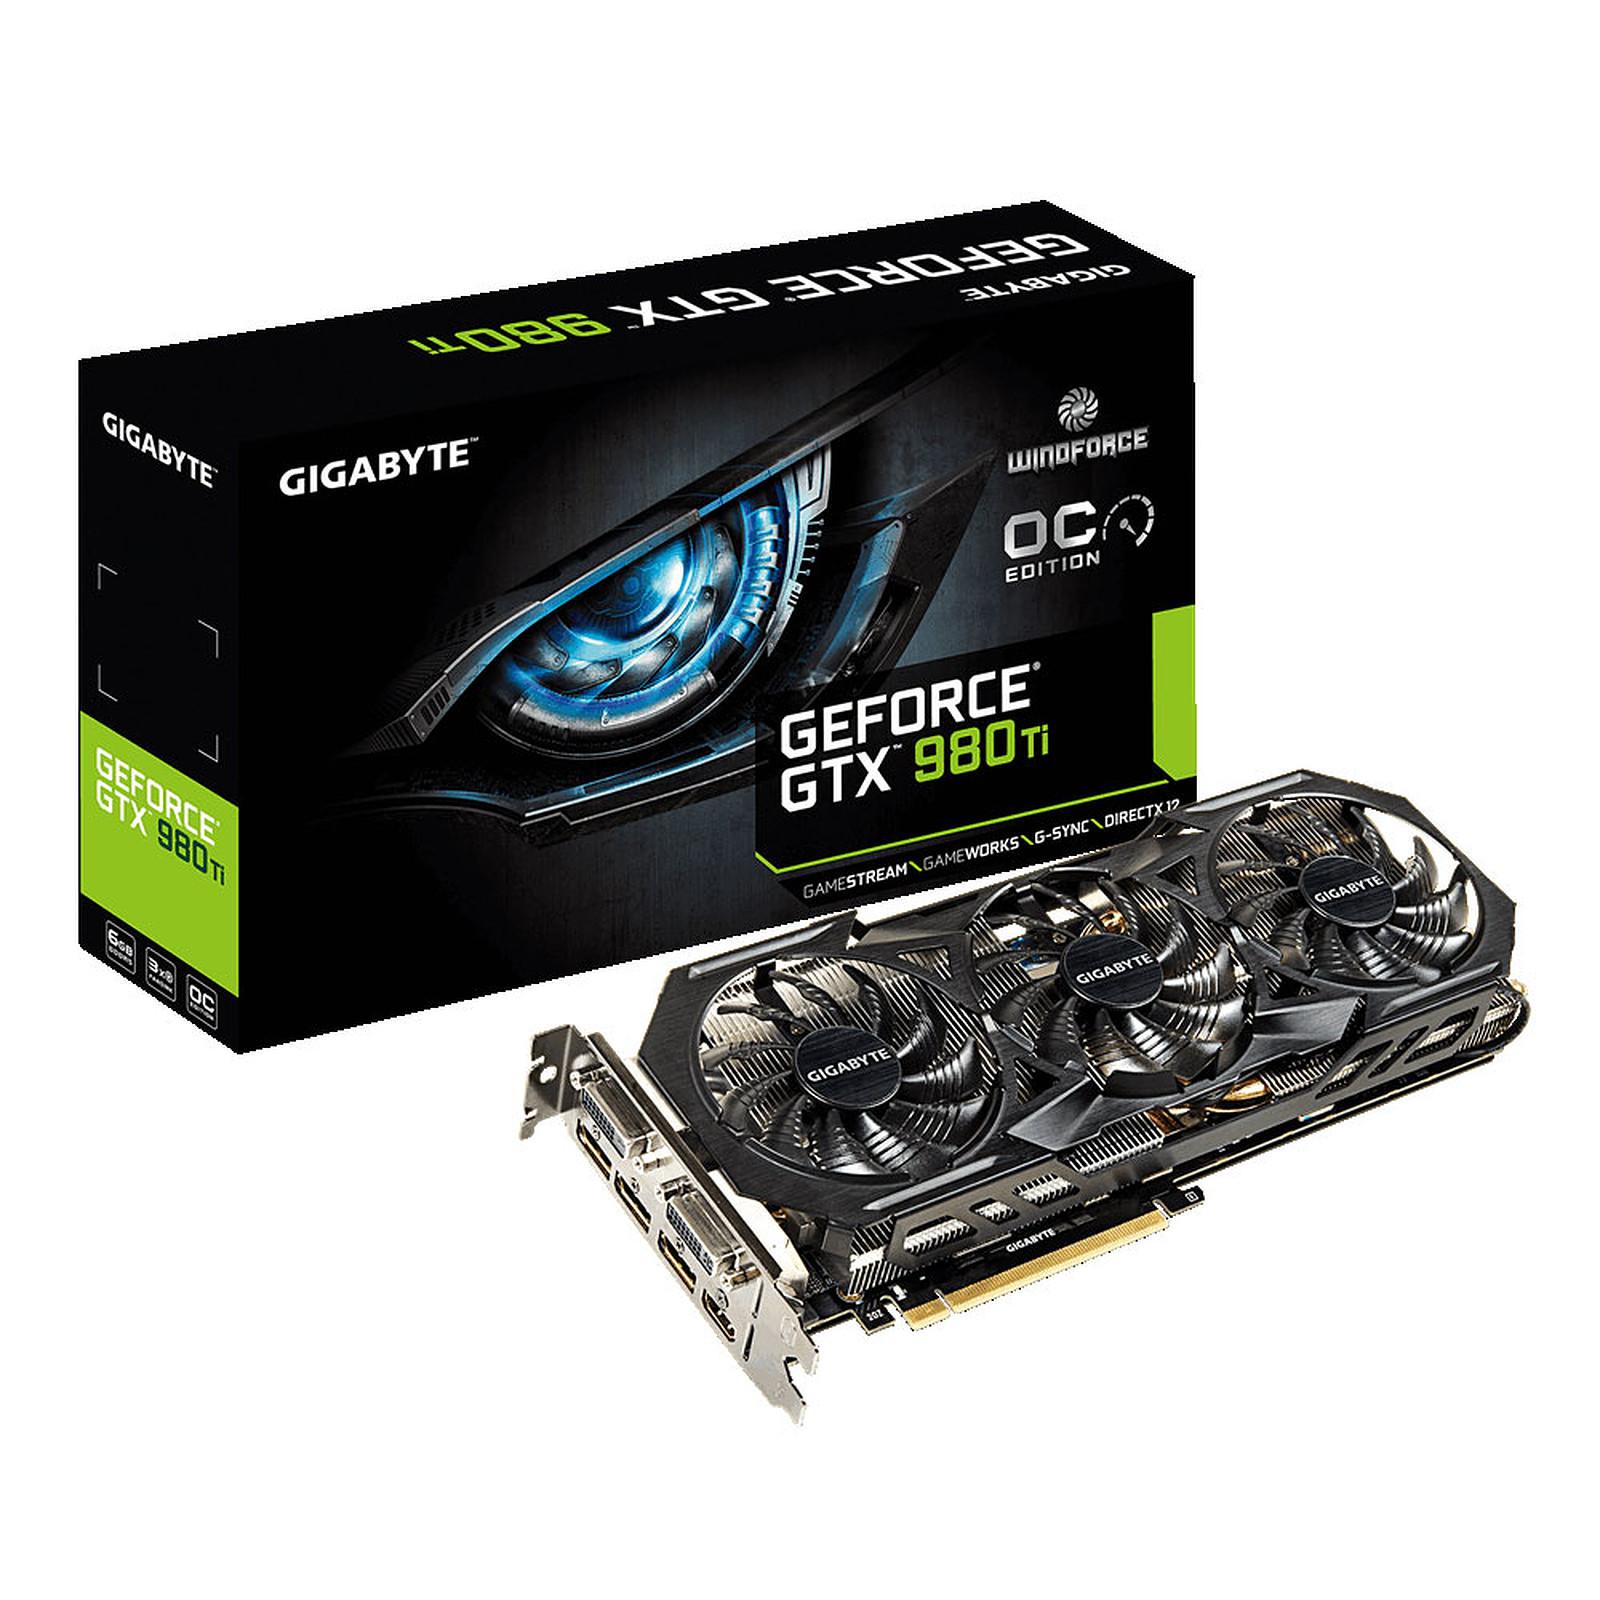 Gigabyte GV-N98TWF3OC-6GD - GeForce GTX 980 Ti 6GB · Occasion